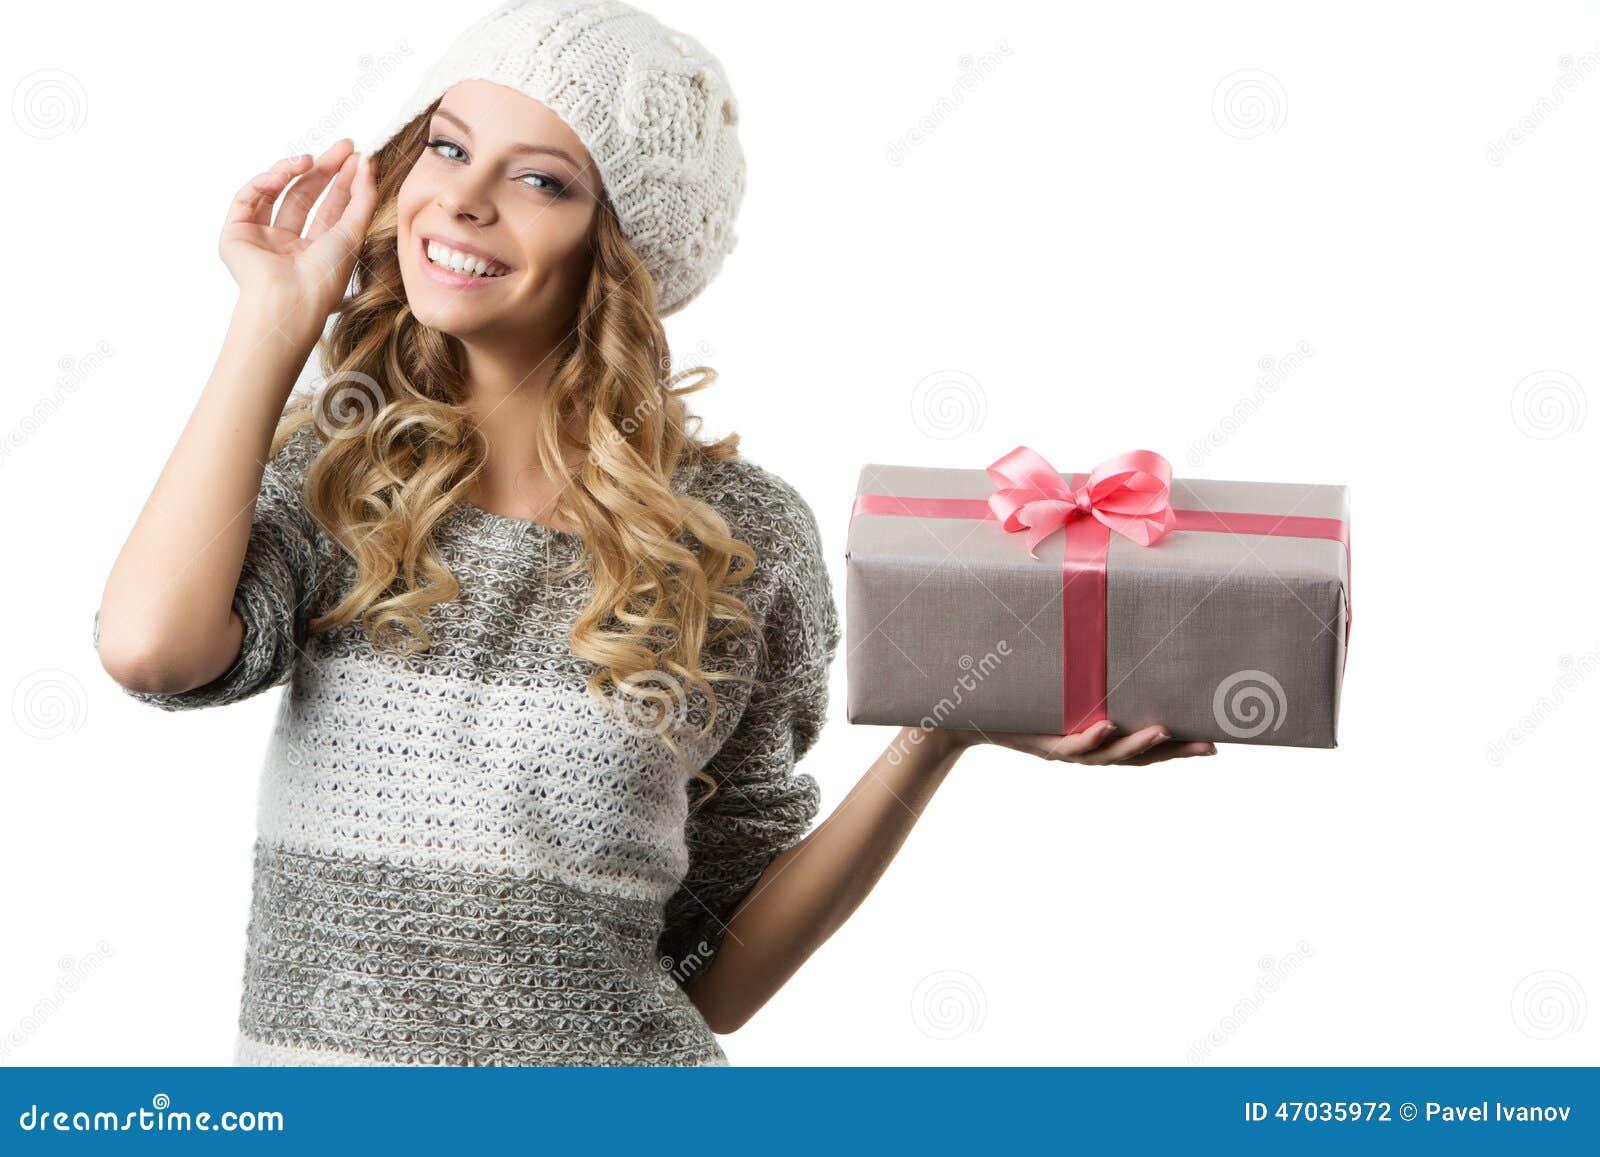 Imagem da menina alegre com caixa de presente em um fundo branco